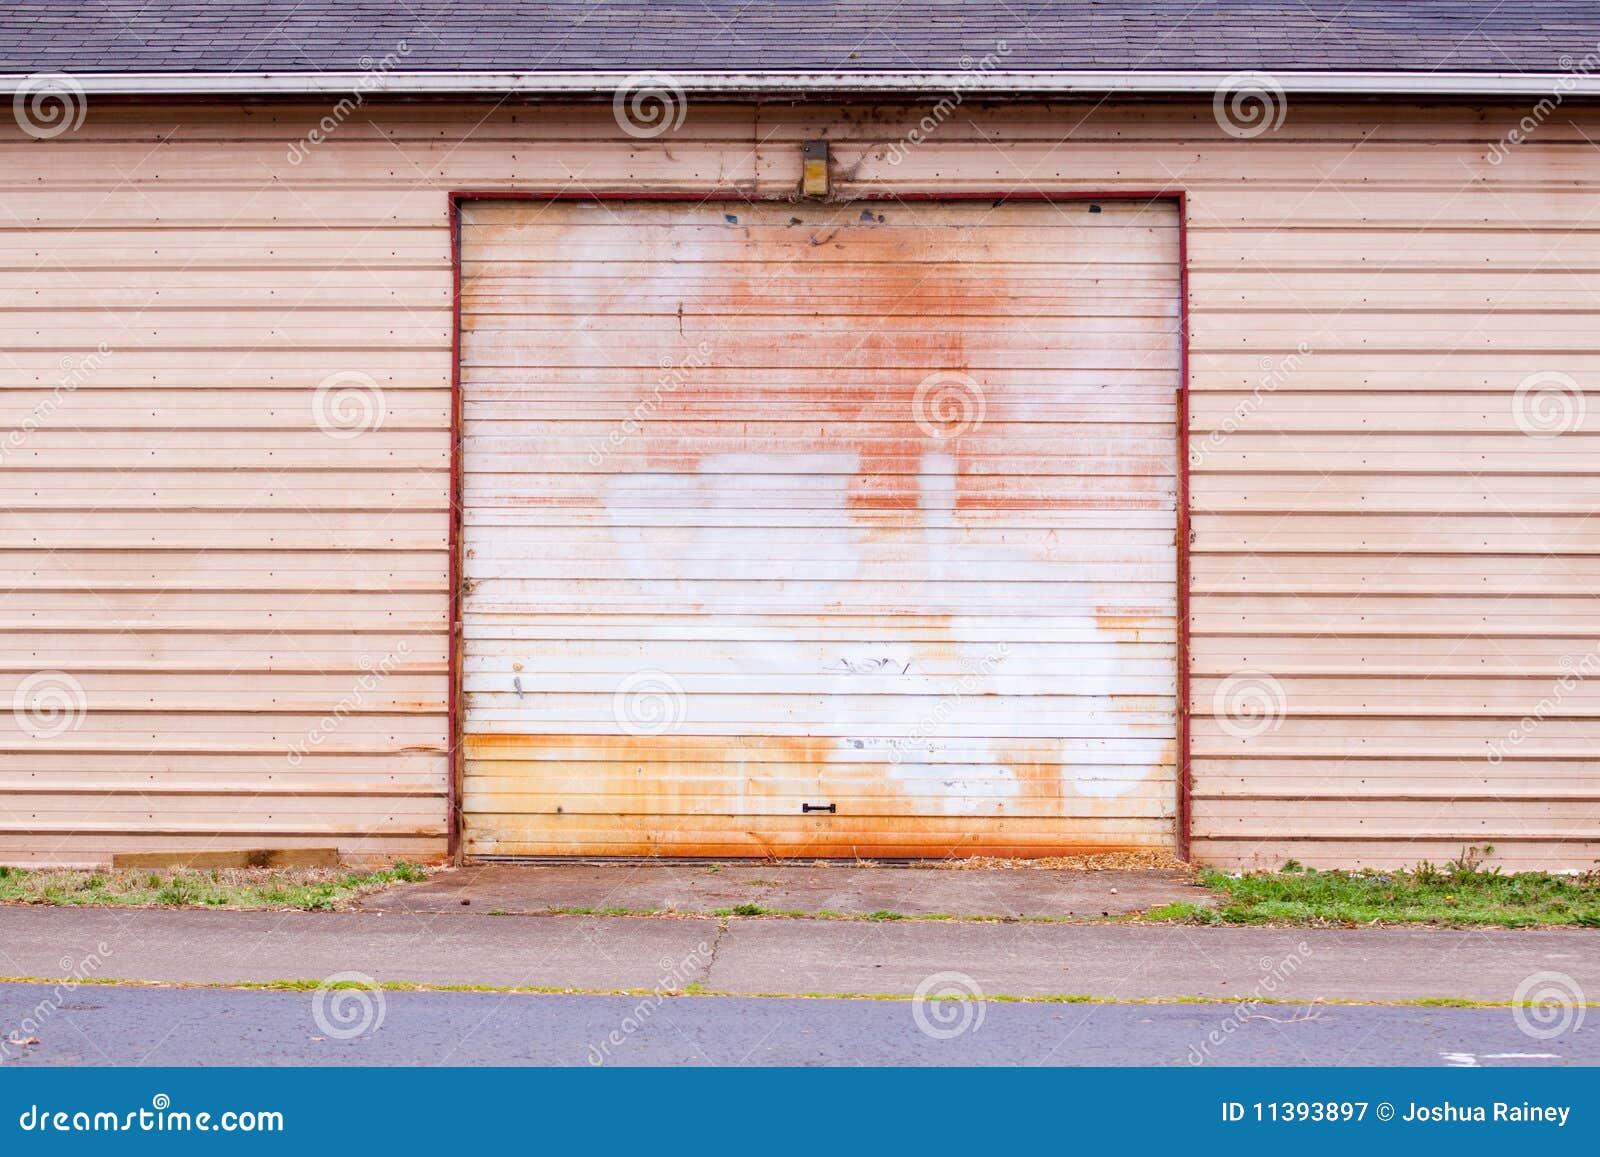 Old Garage Door Stock Image Image Of Storage Copyspace